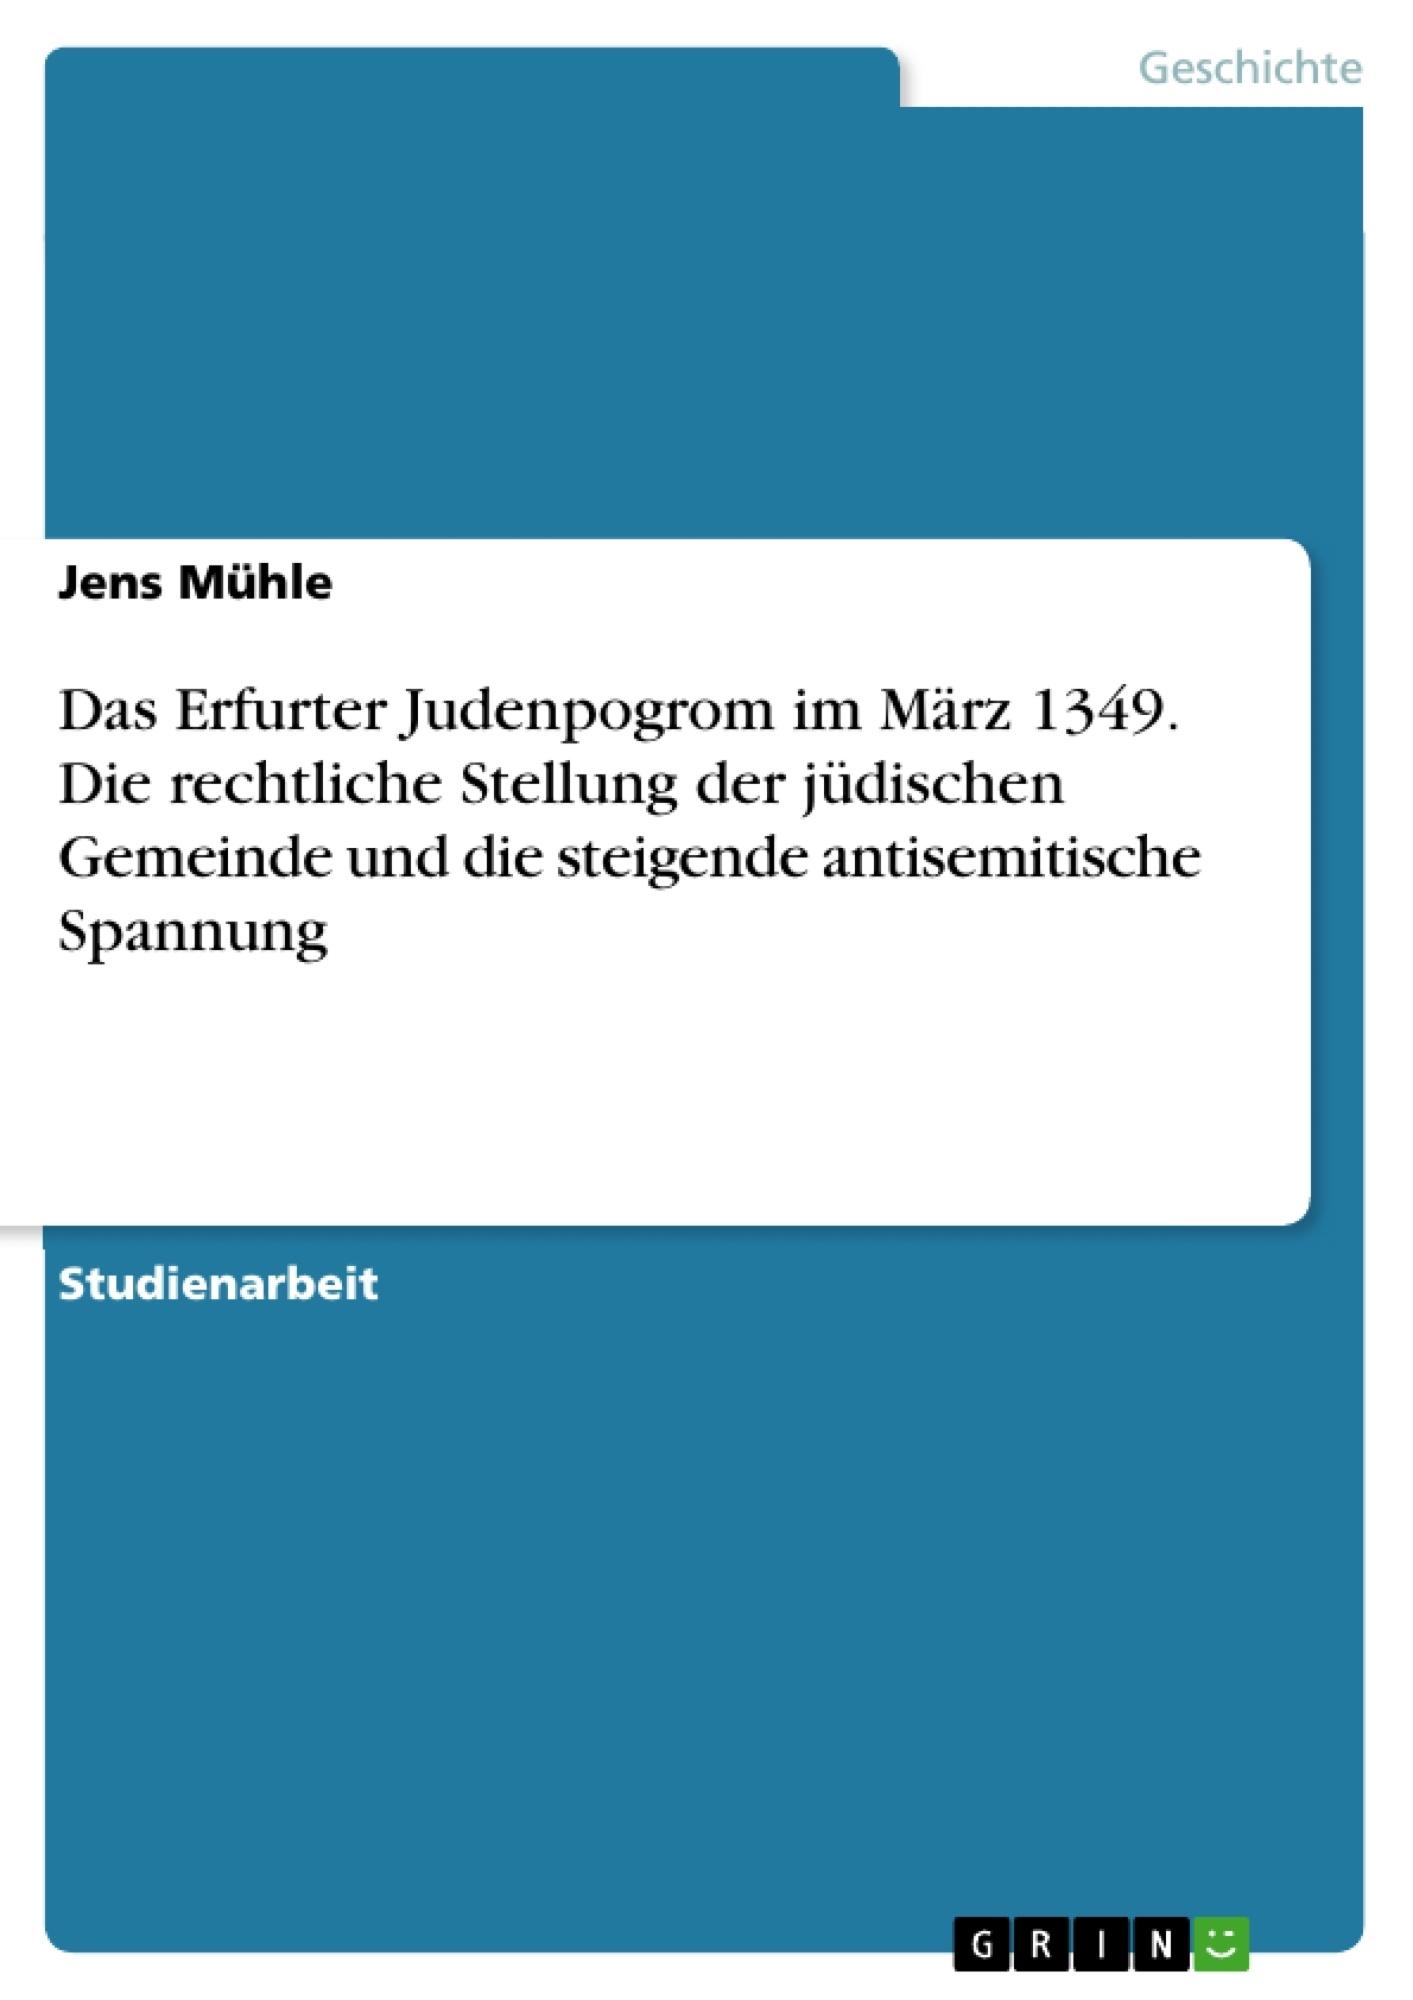 Titel: Das Erfurter Judenpogrom im März 1349. Die rechtliche Stellung der jüdischen Gemeinde und die steigende antisemitische Spannung